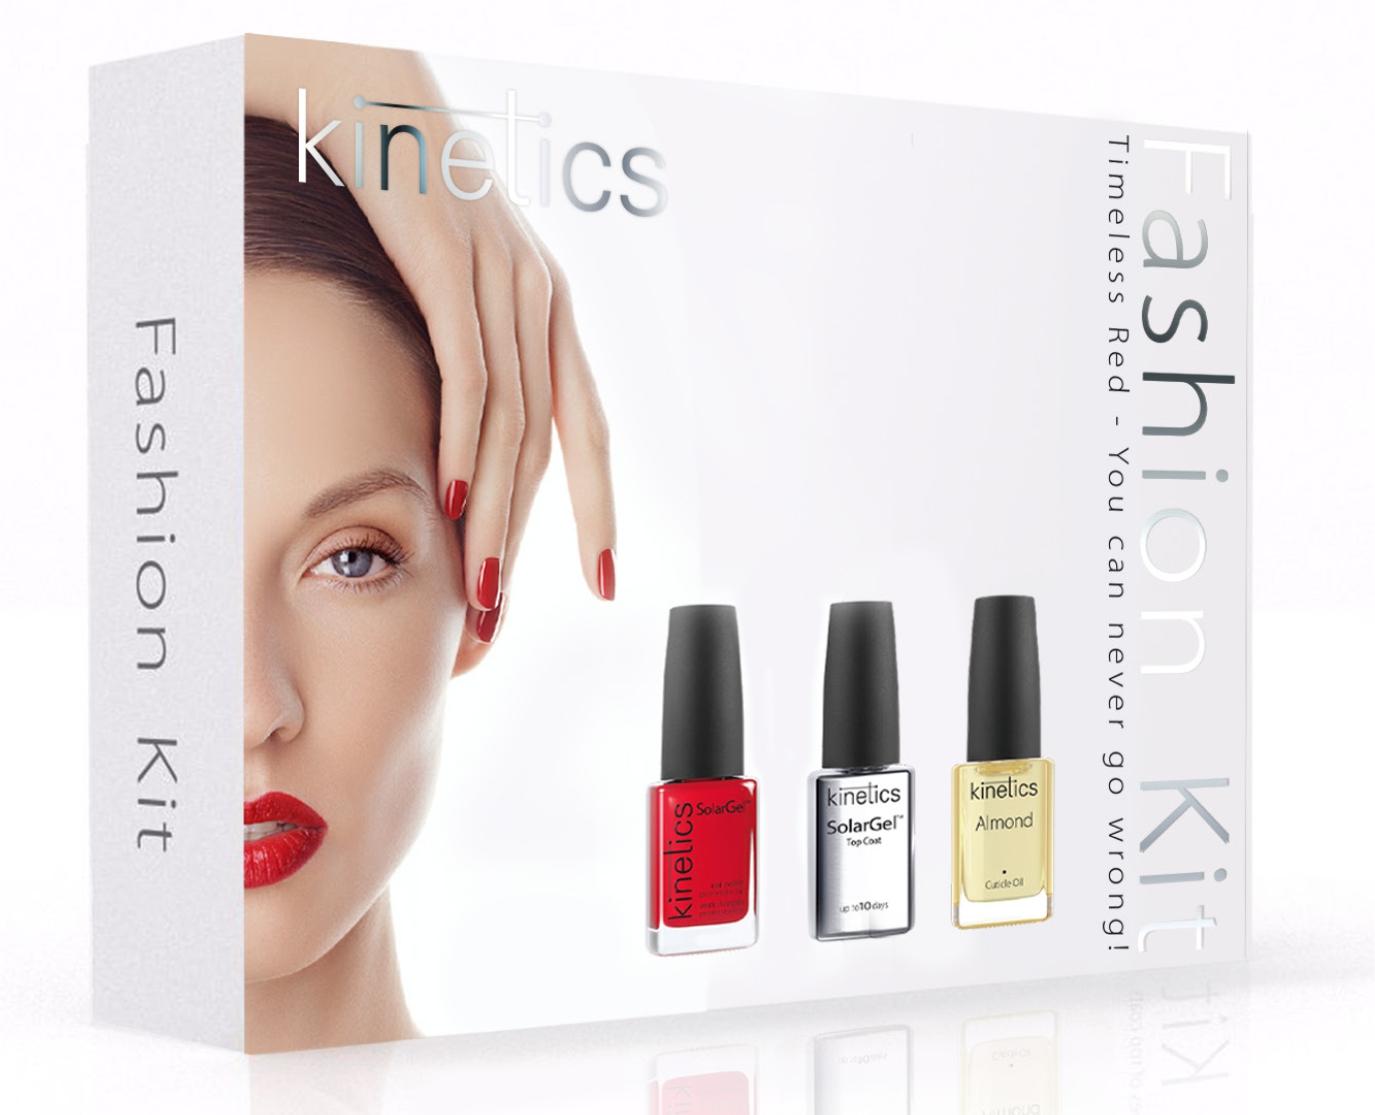 KINETICS Подарочный набор Kinetics Fashion Kit 15 млНаборы <br>Новогодний набор Kinetics Fashion Kit состоит из трех классических продуктов: 1. Гелевый лак Gel  21, 15 мл. 2. Верхнее покрытие Solar Gel Top Coat, 15 мл. 3. Увлажняющее масло для кутикулы Almond (Миндаль), 15 мл.<br><br>Цвет: Красные